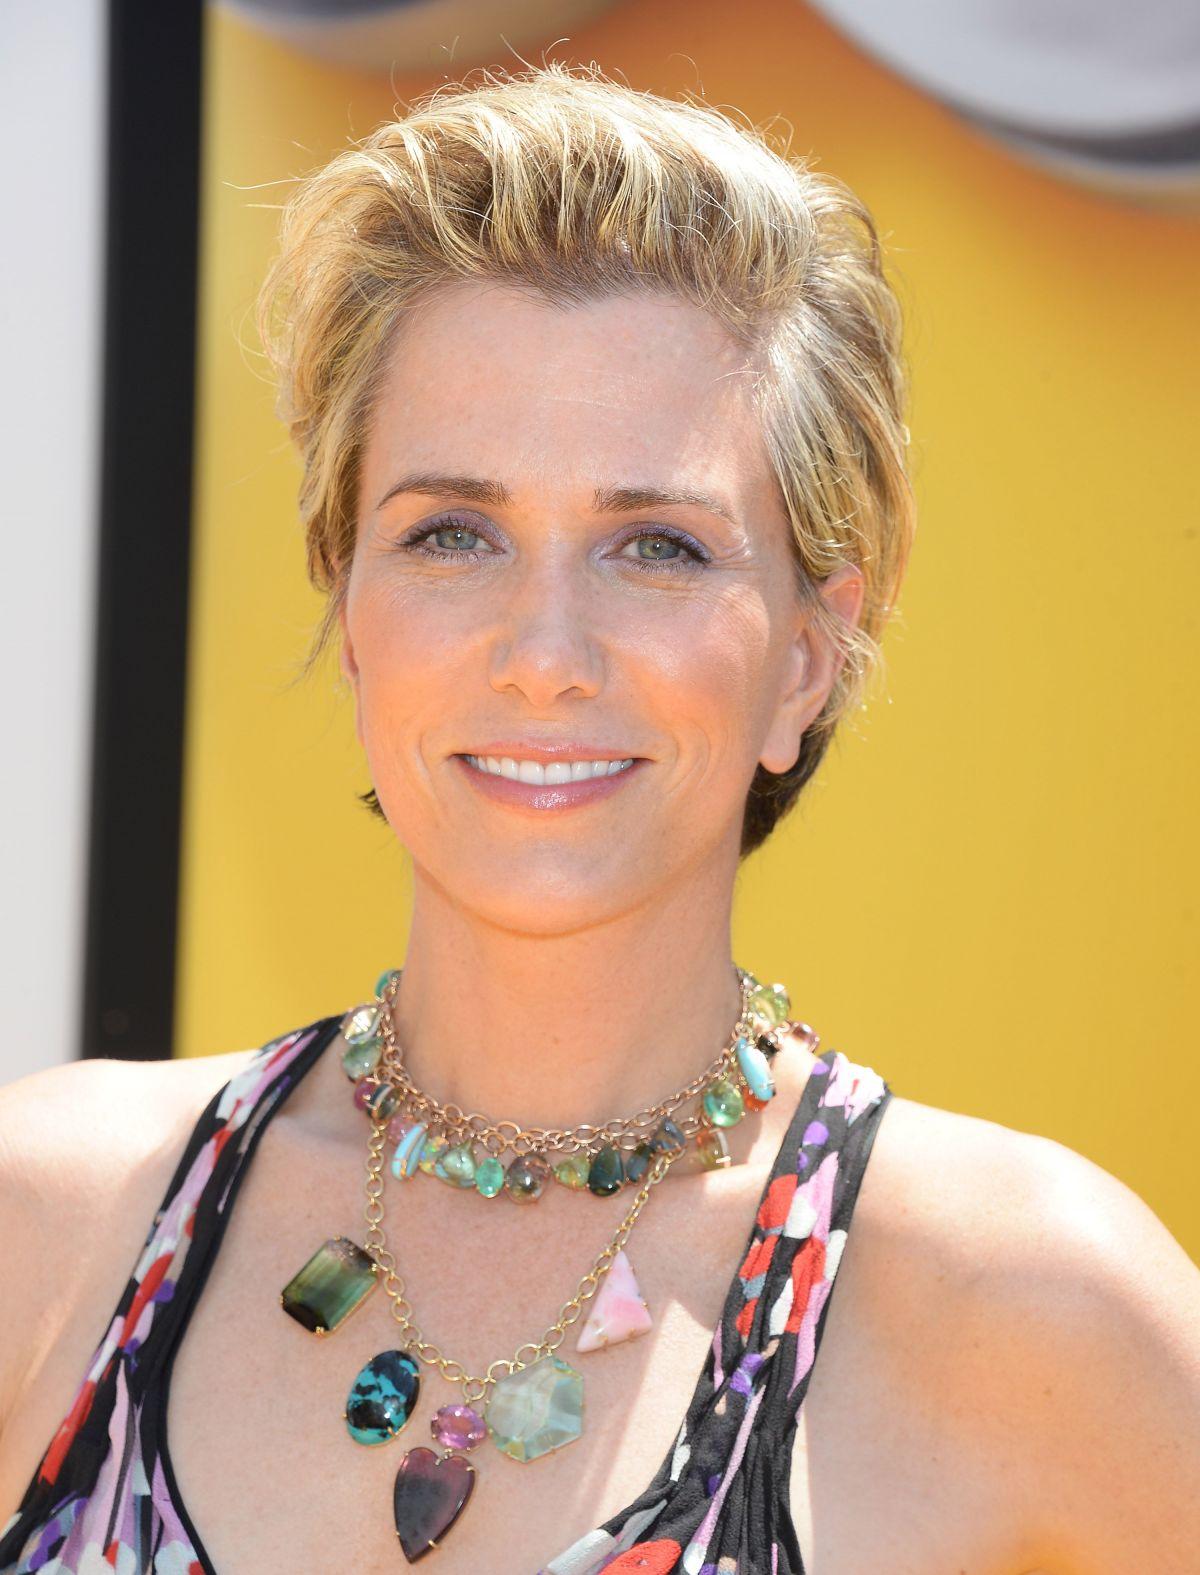 33 Kristen Wiig Hottest Pictures – The Cheetah In Wonder ...